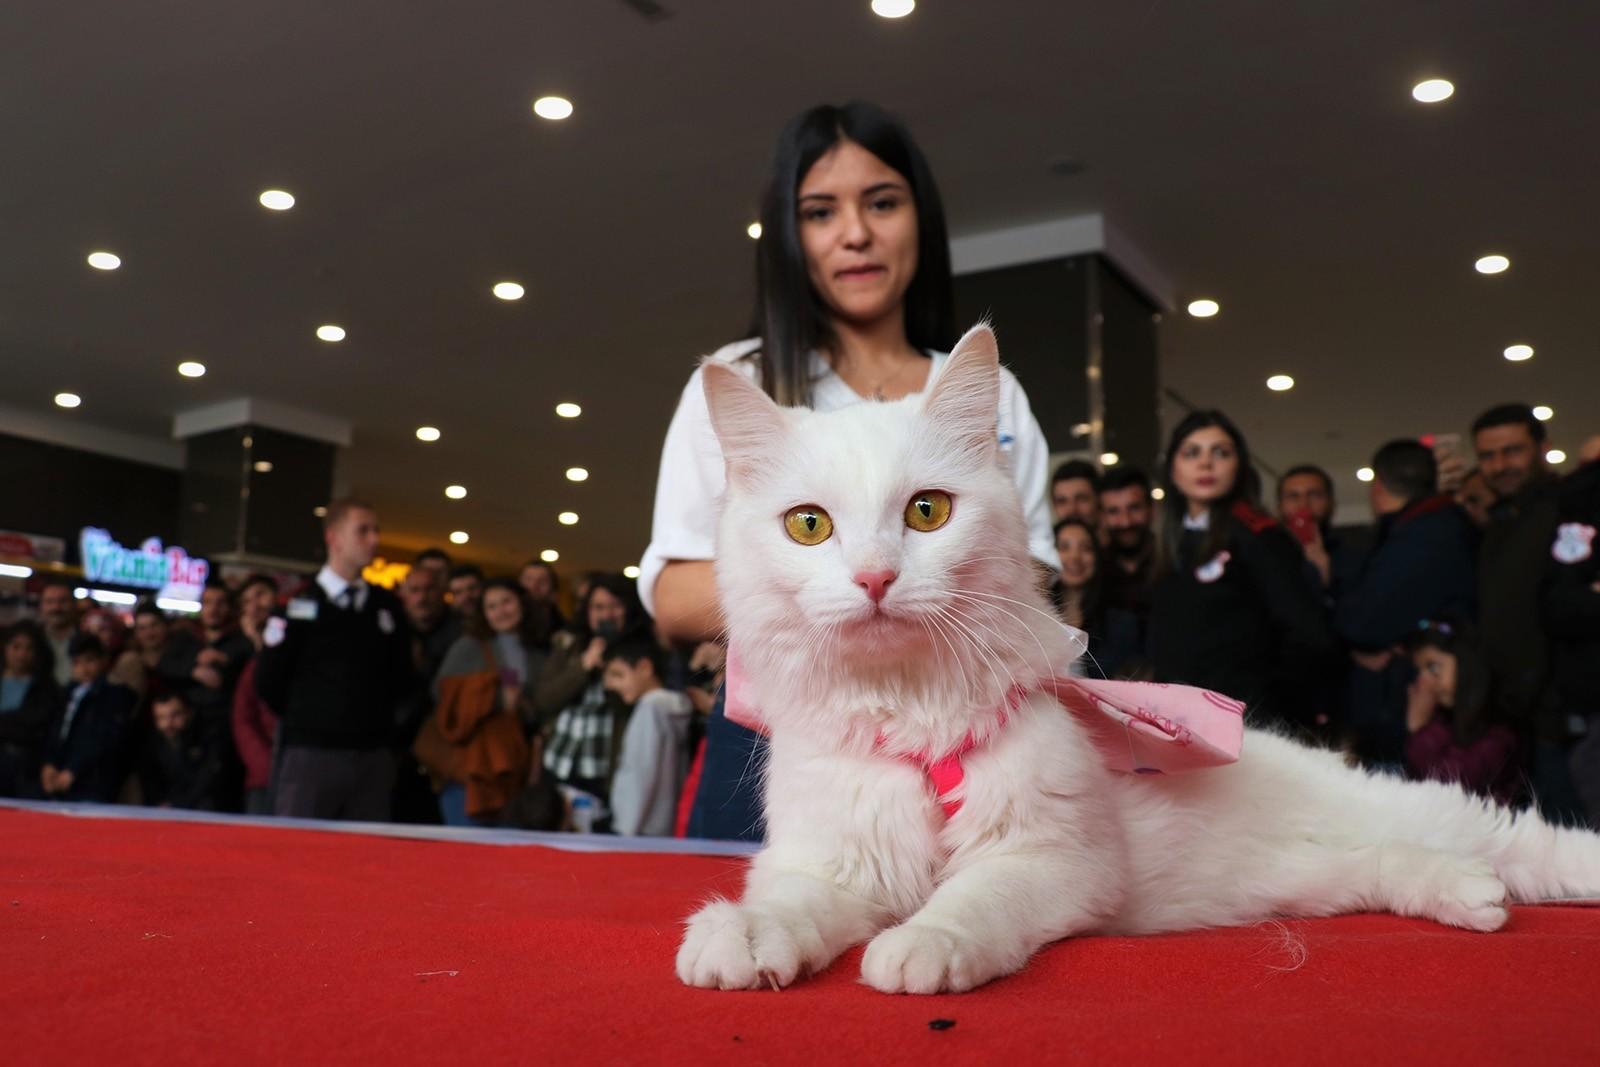 'Spak' wins Van cat beauty contest in eastern Turkey